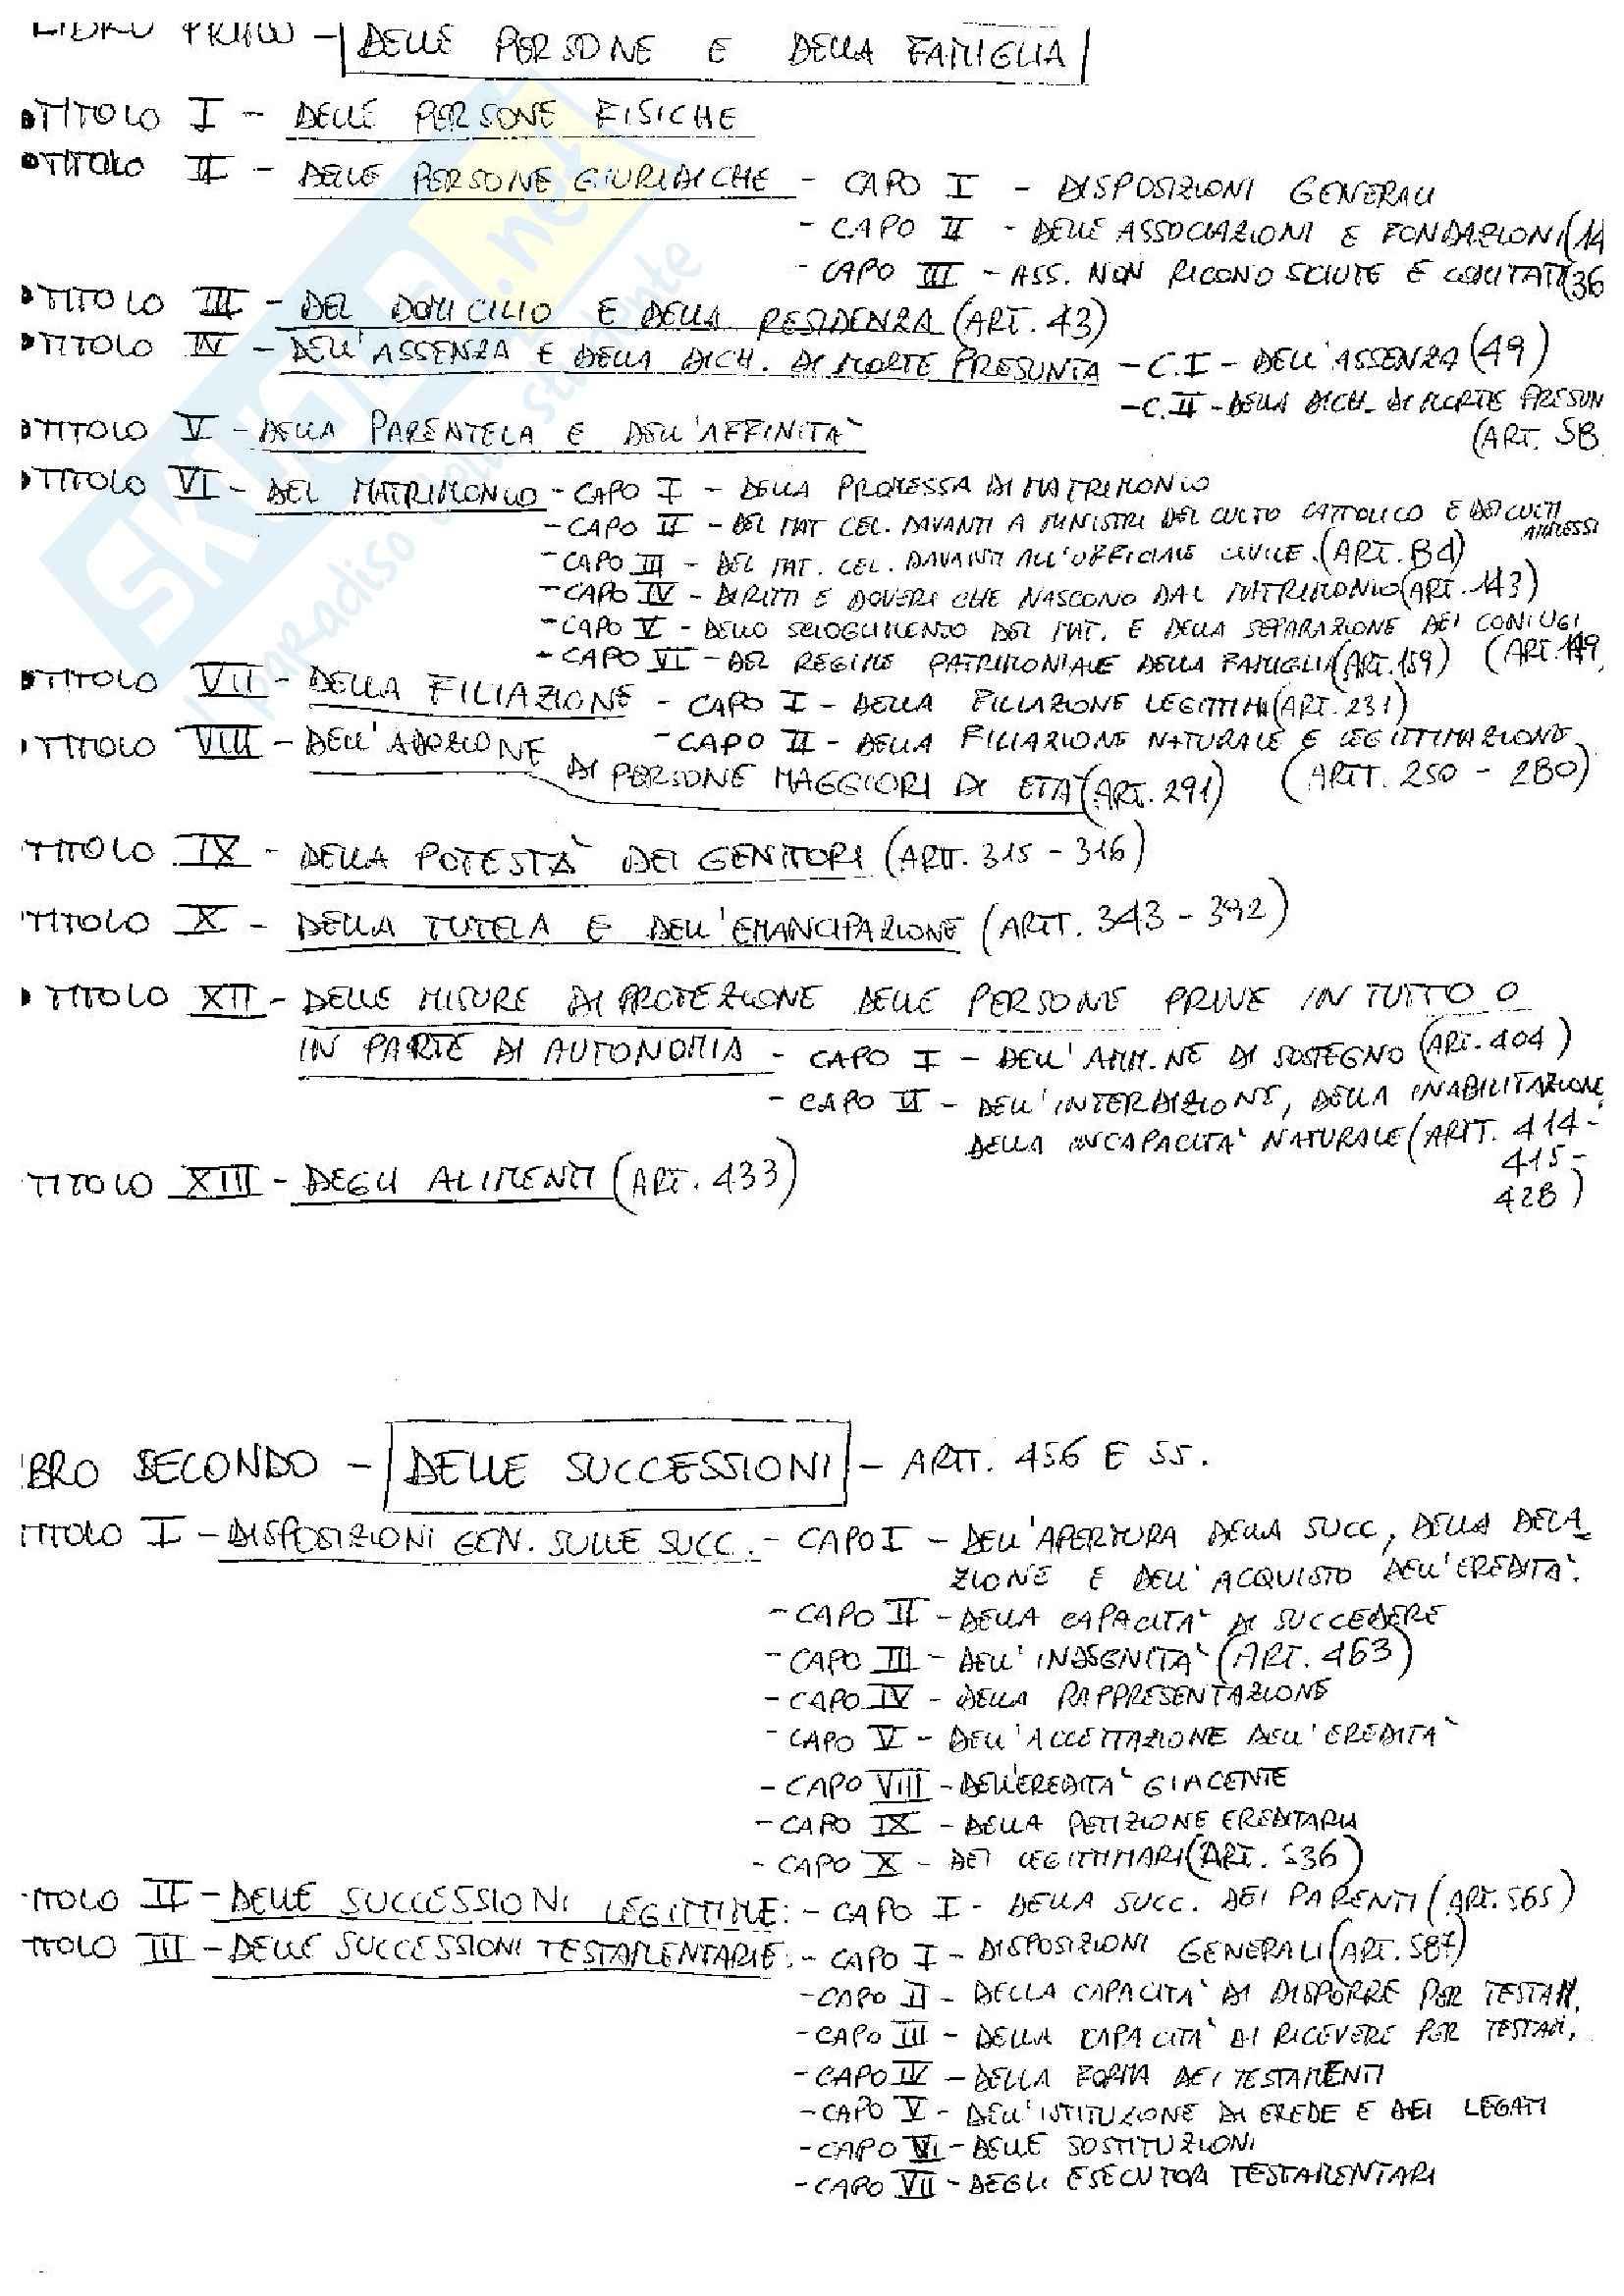 Codice civile - Schema generale